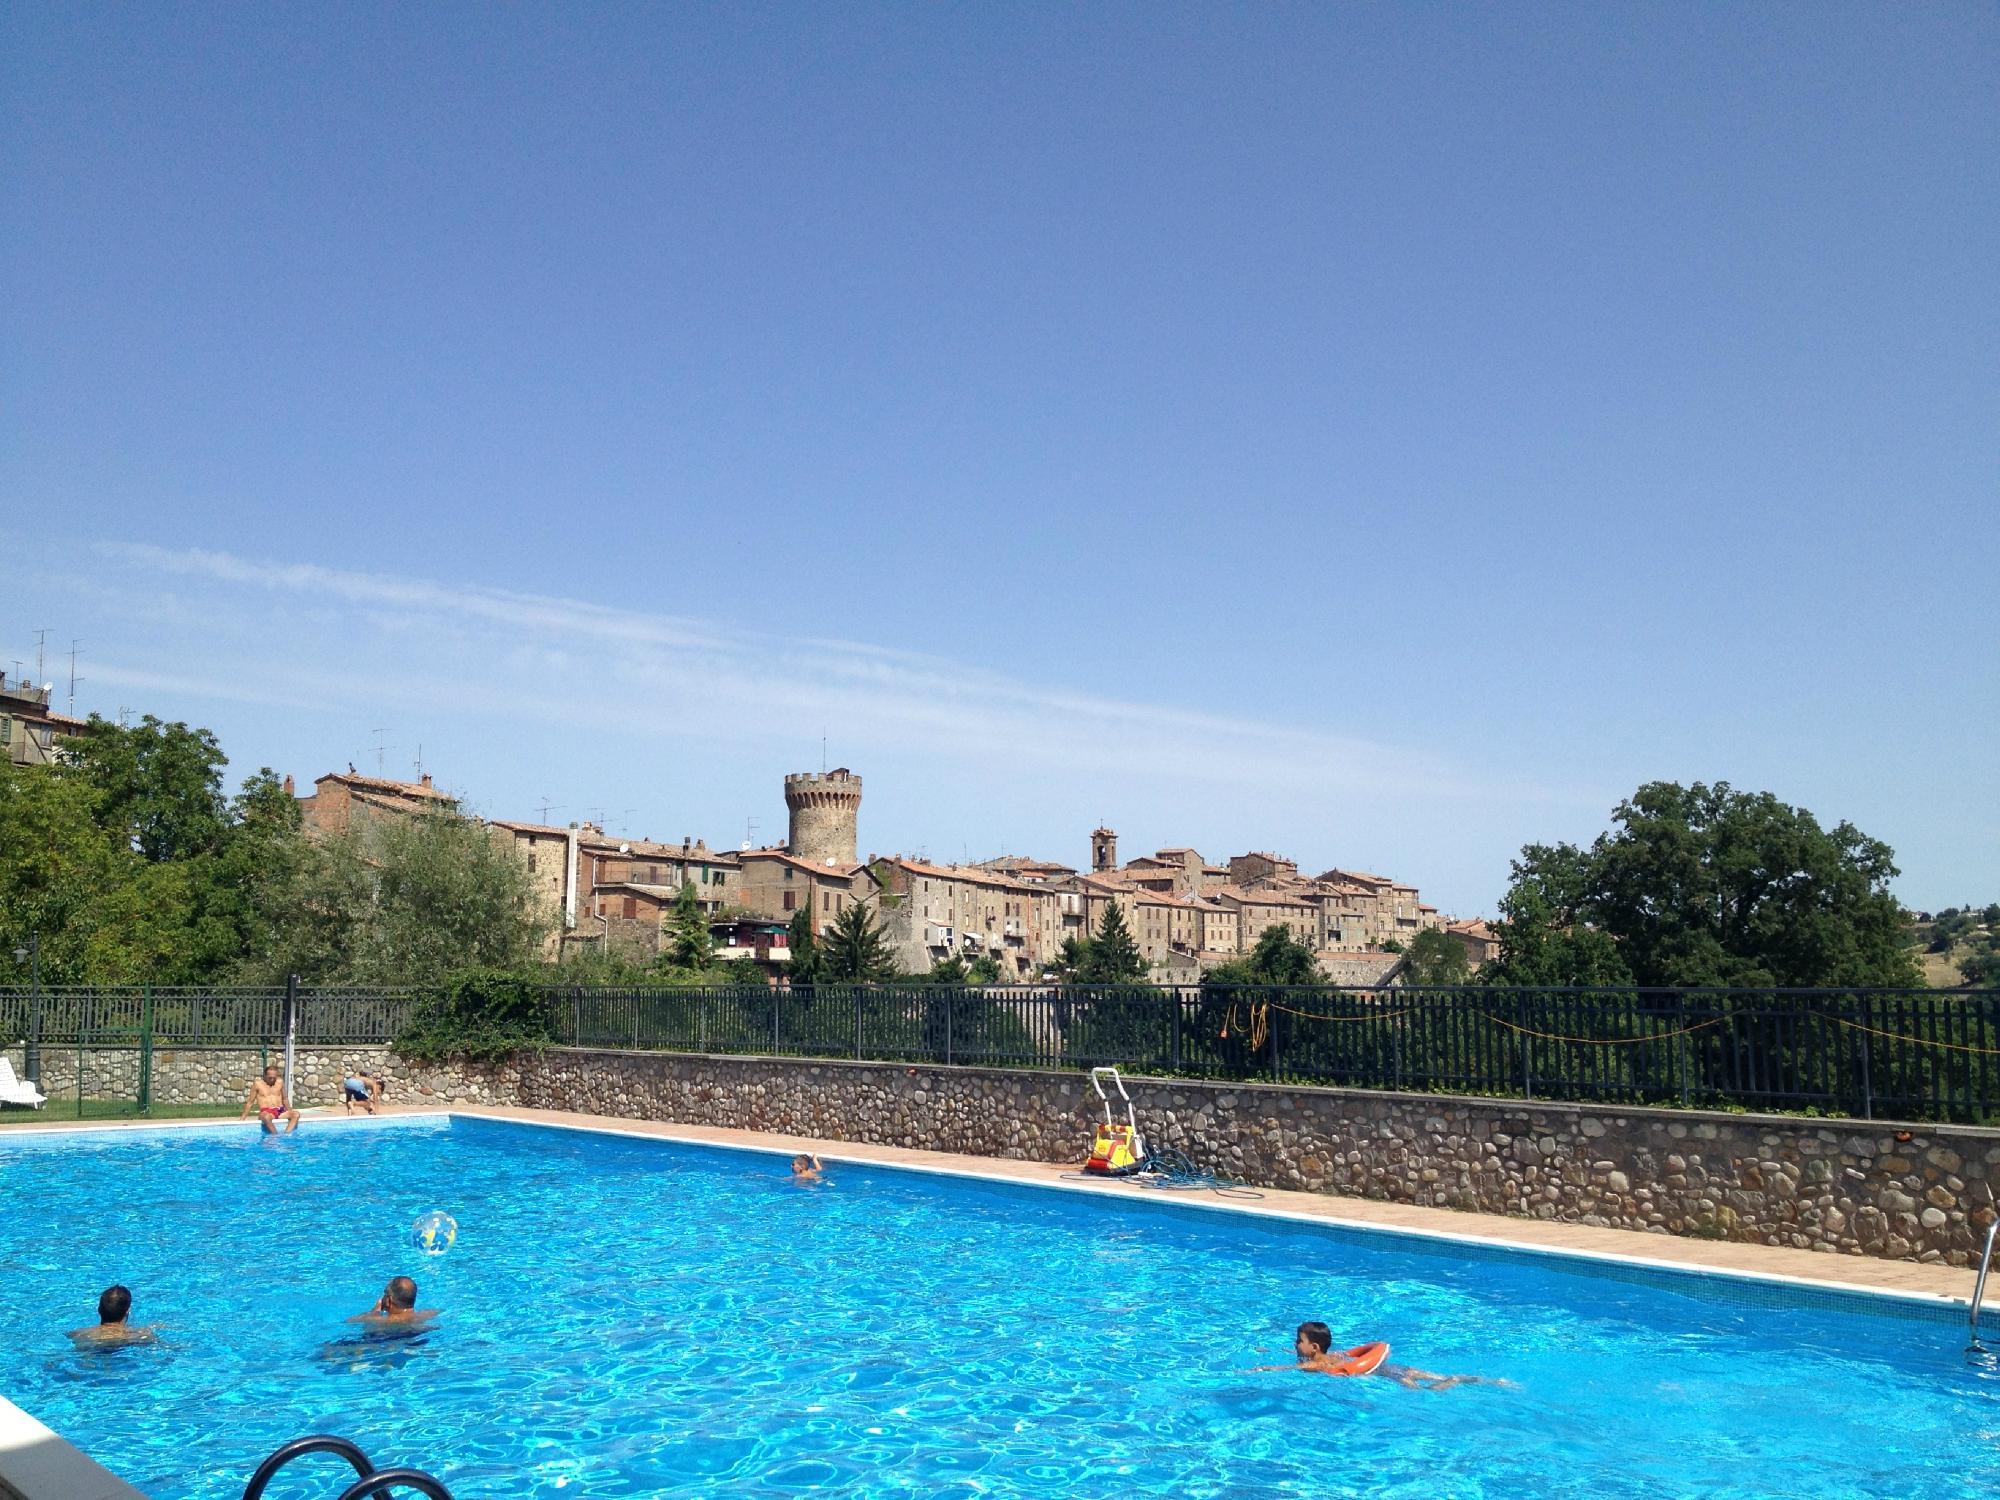 Hotel Rilarosi